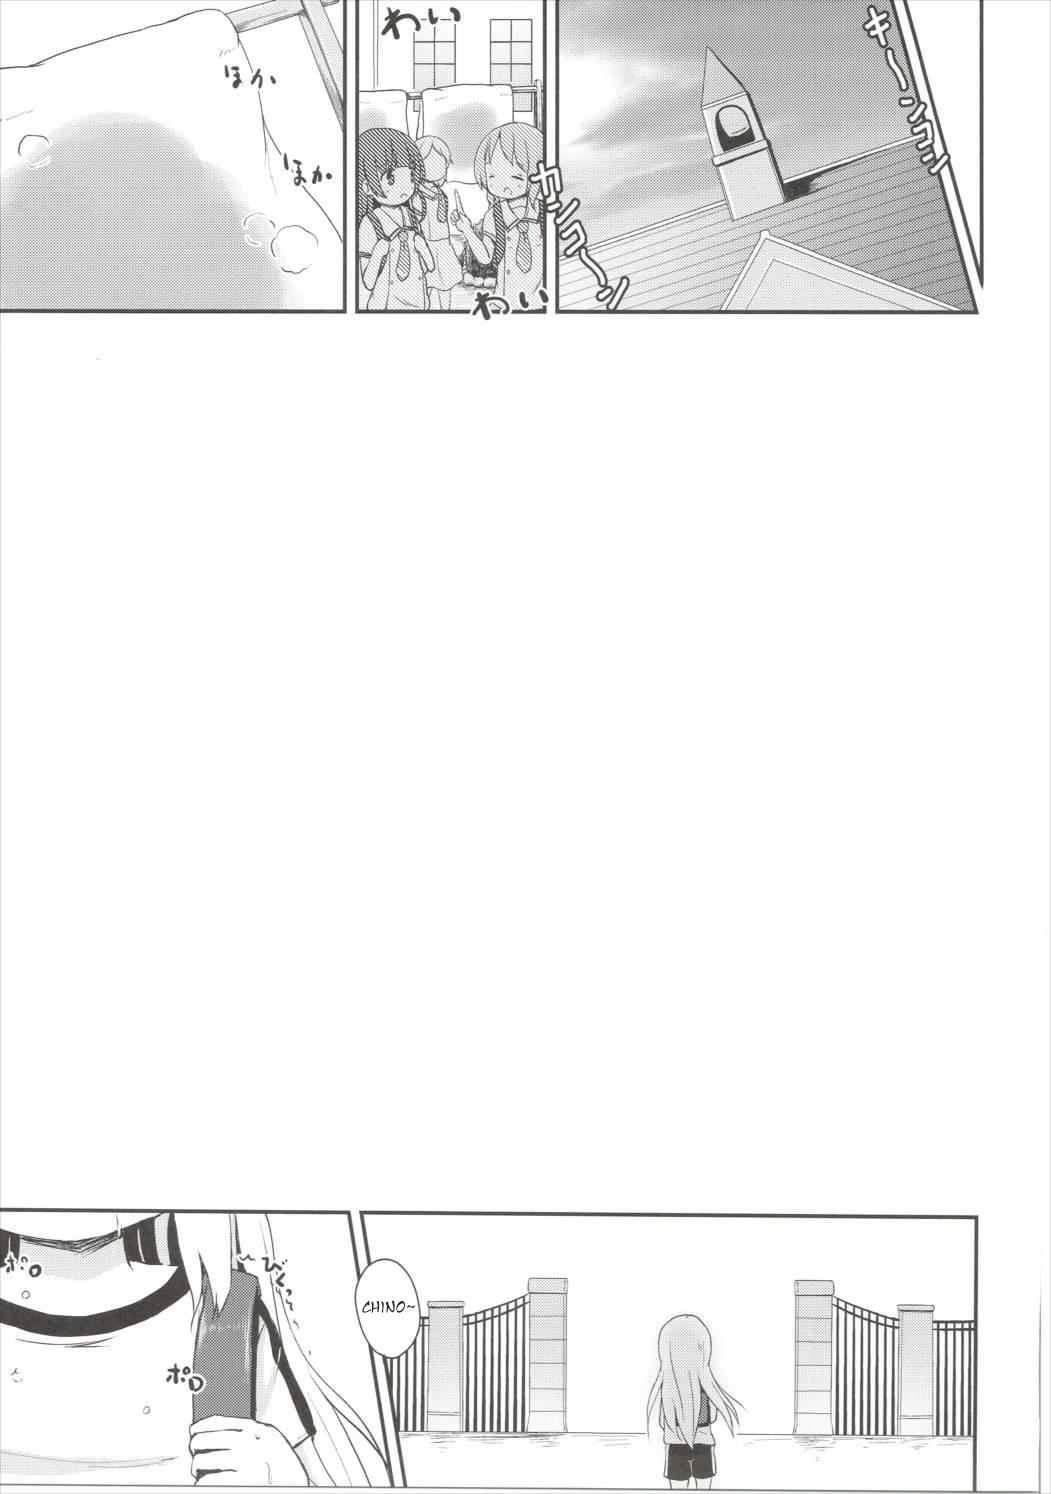 HentaiVN.net - Ảnh 31 - Moshikashite, Chino-chan Onesho Shichatta no?? 2 (Gochuumon wa Usagi desu ka?) - Oneshot